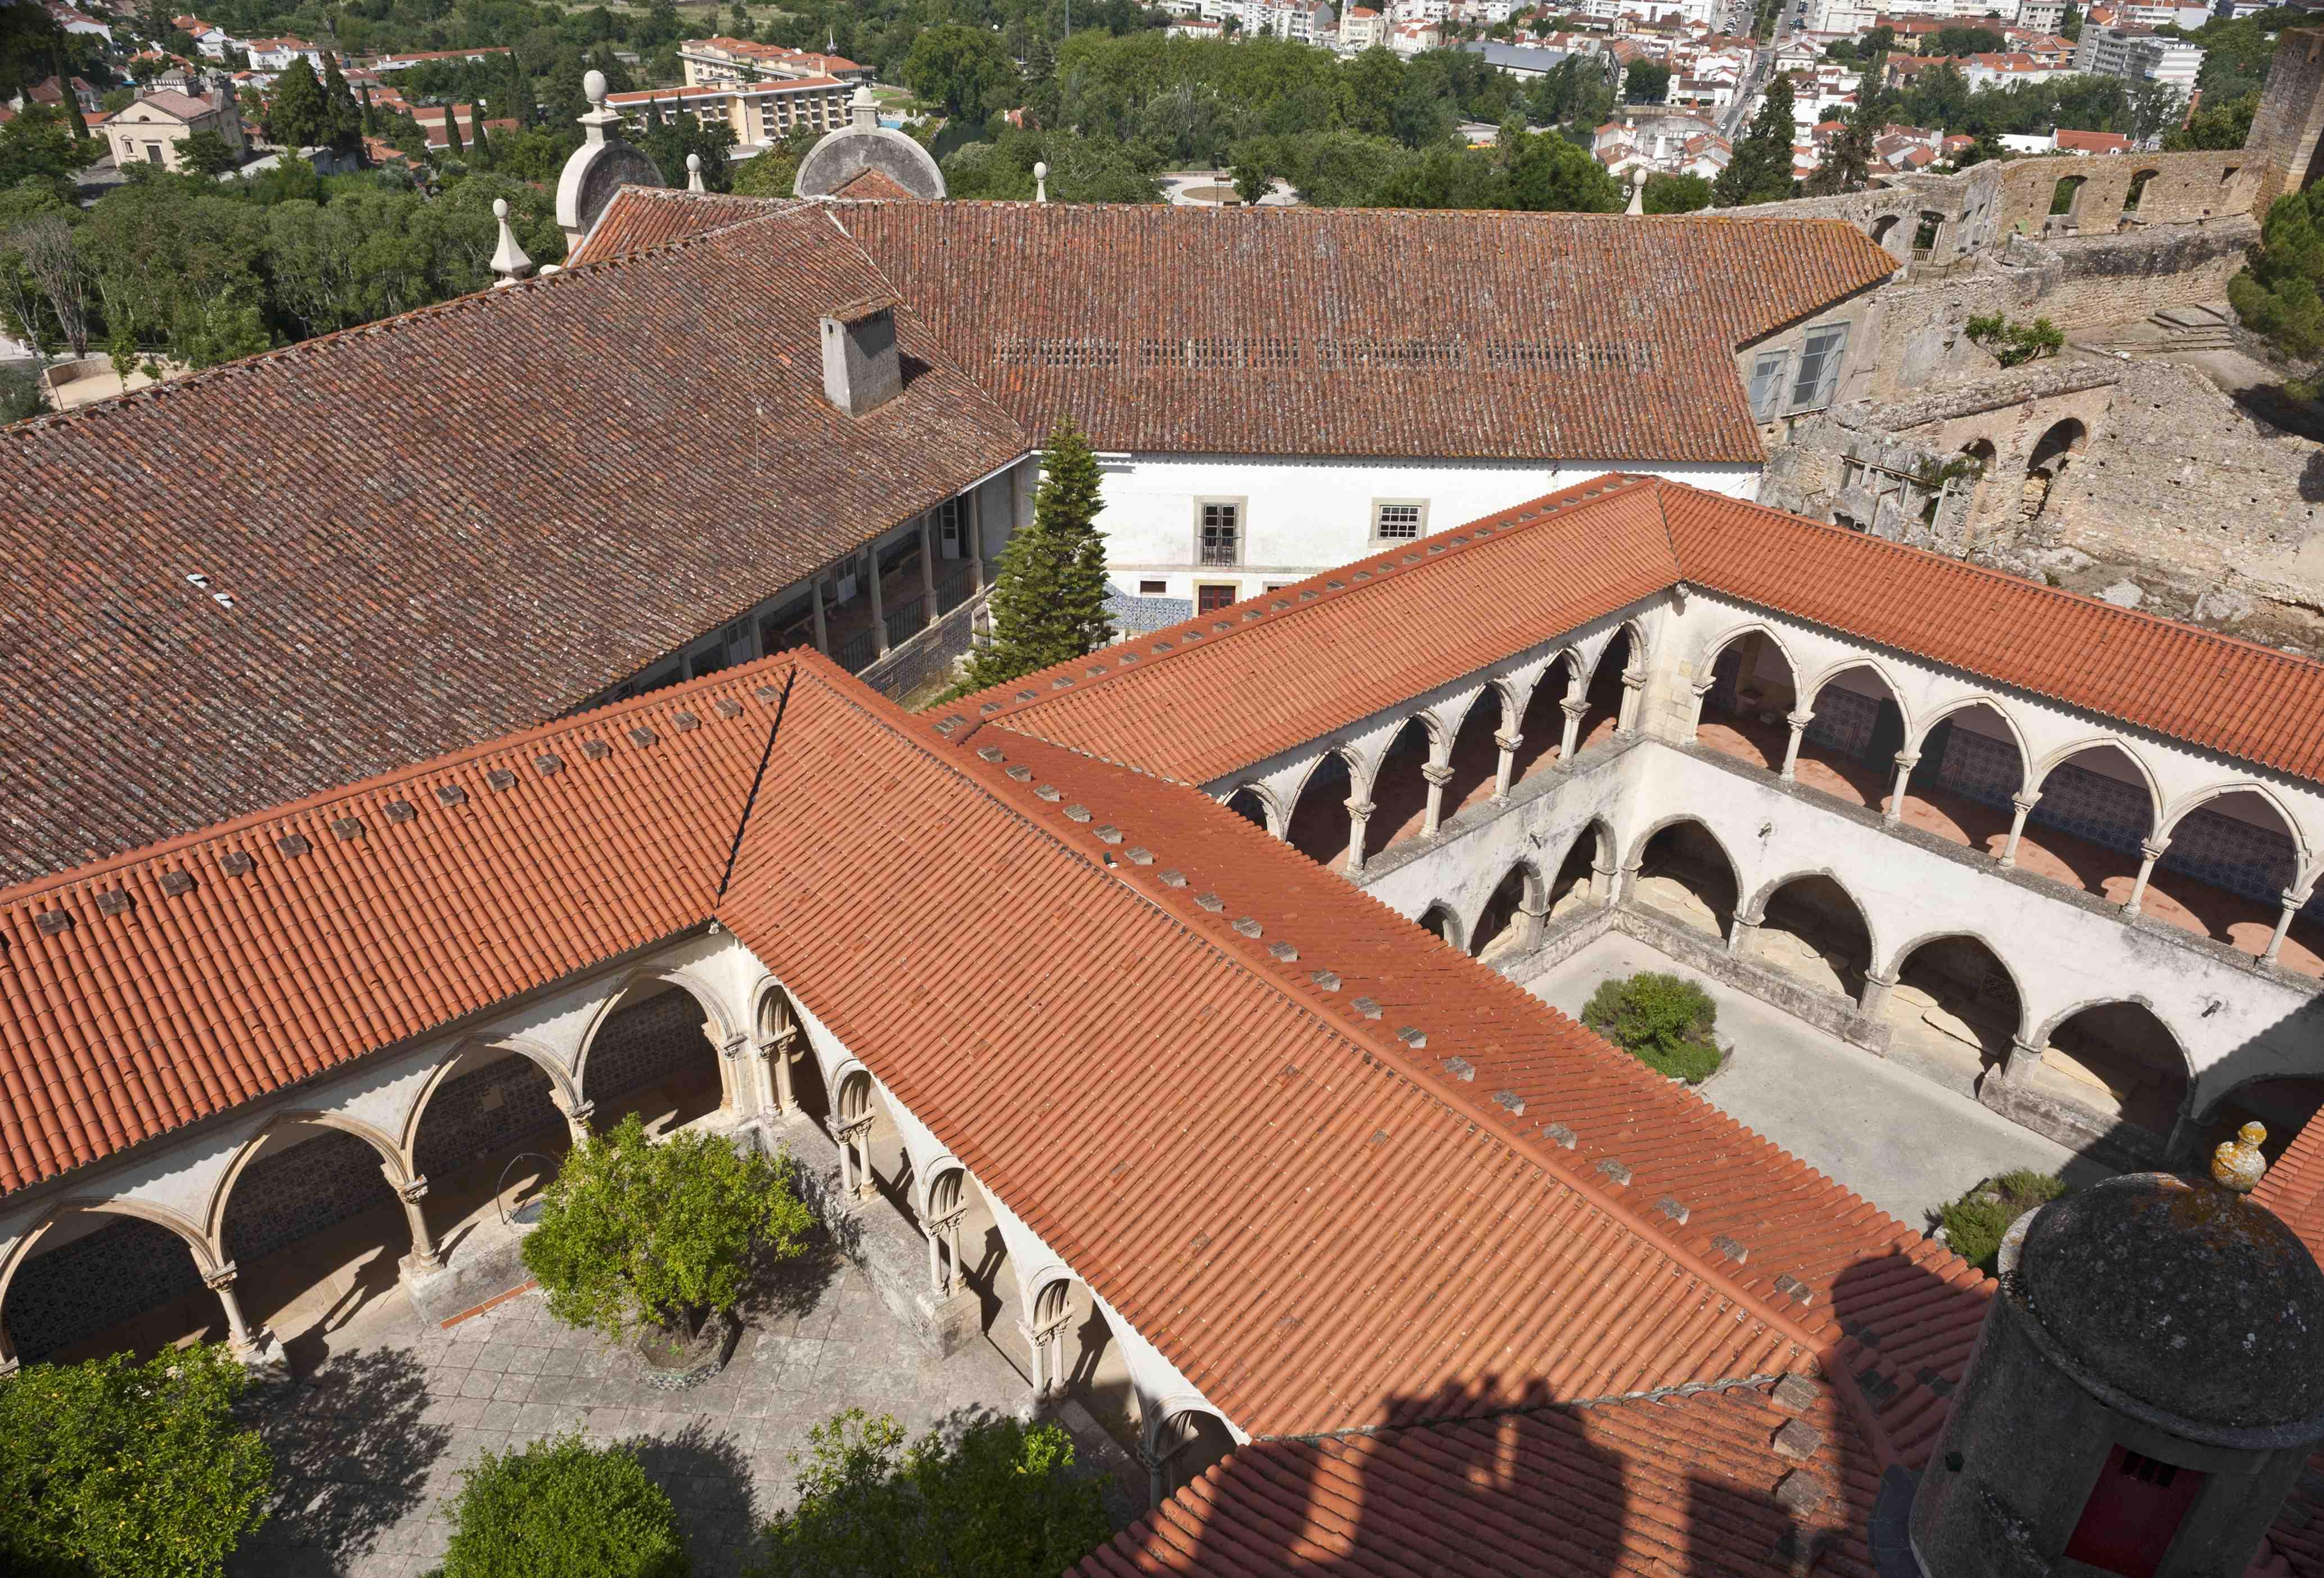 sta superior dos Claustros do Cemitério e da Lavagem contíguos ao Pátio da Botica do Convento de Cristo